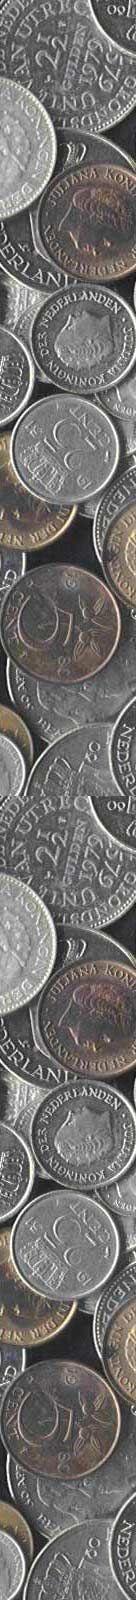 Rijksdaalders, guldens, kwartjes, dubbeltjes, stuivers en centen.